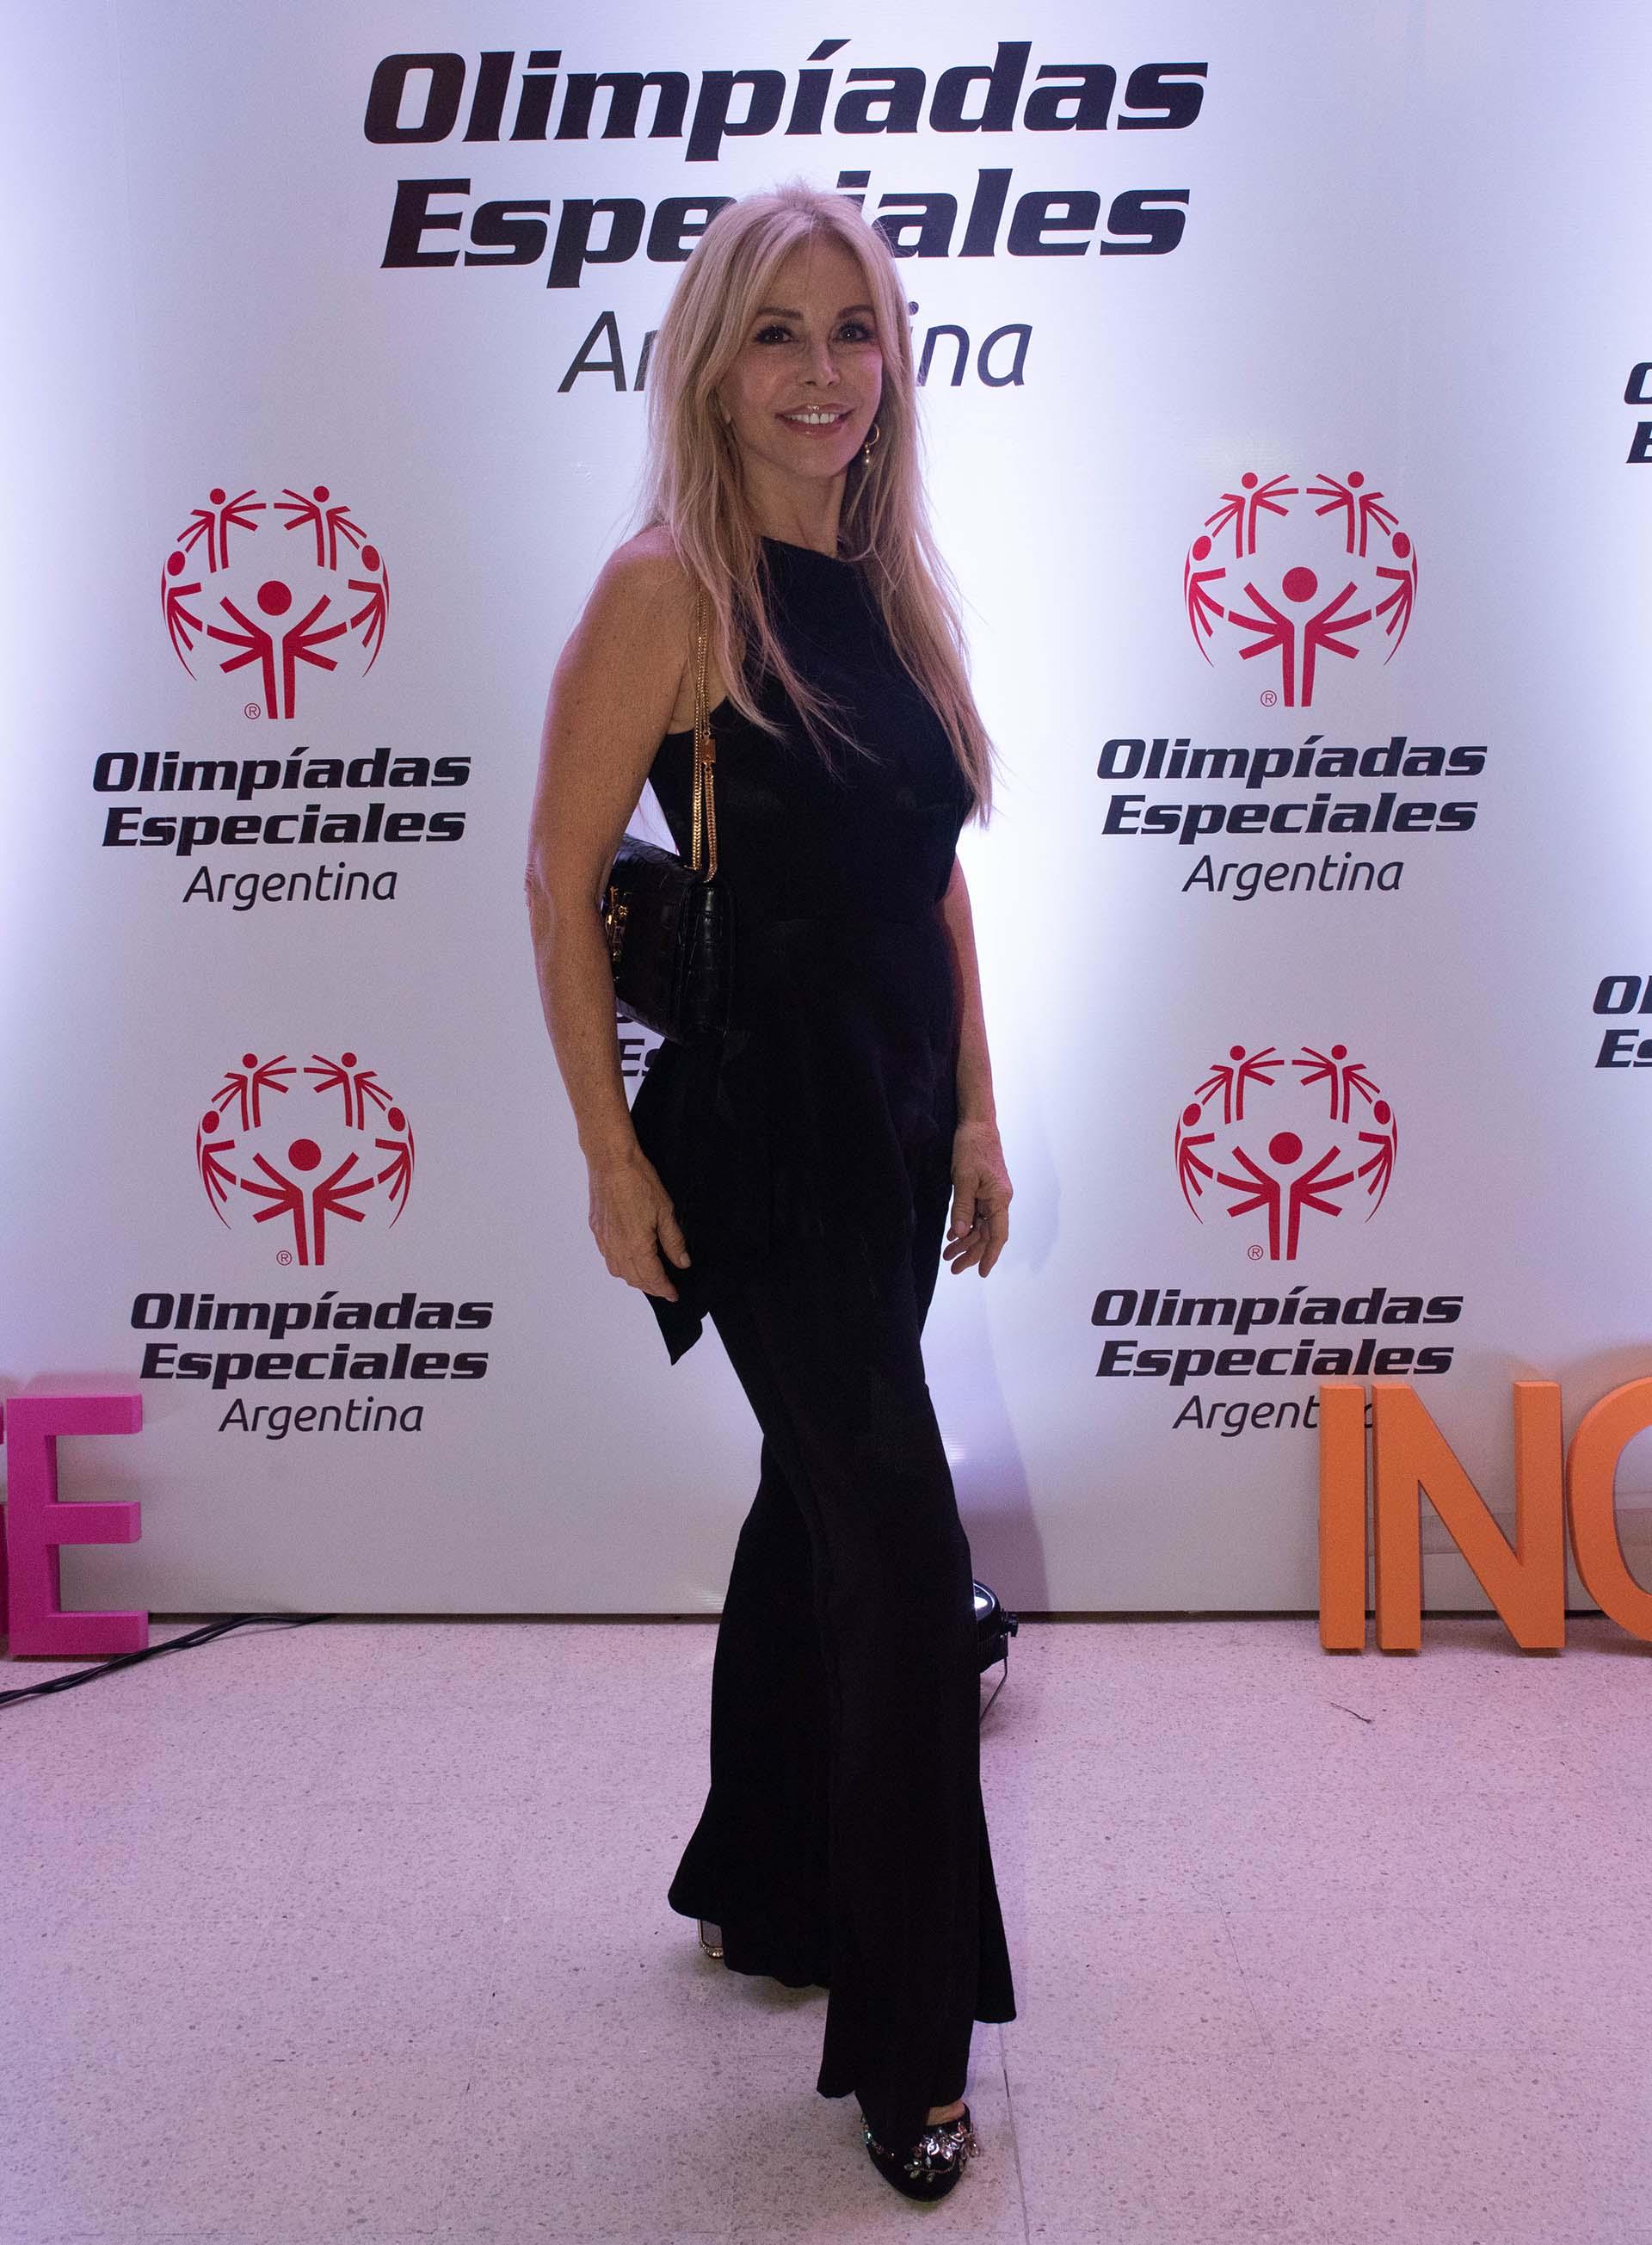 La actriz y modelo Graciela Alfano estuvo presente en una noche solidaria que busca potenciar a deportistas con o sin discapacidad